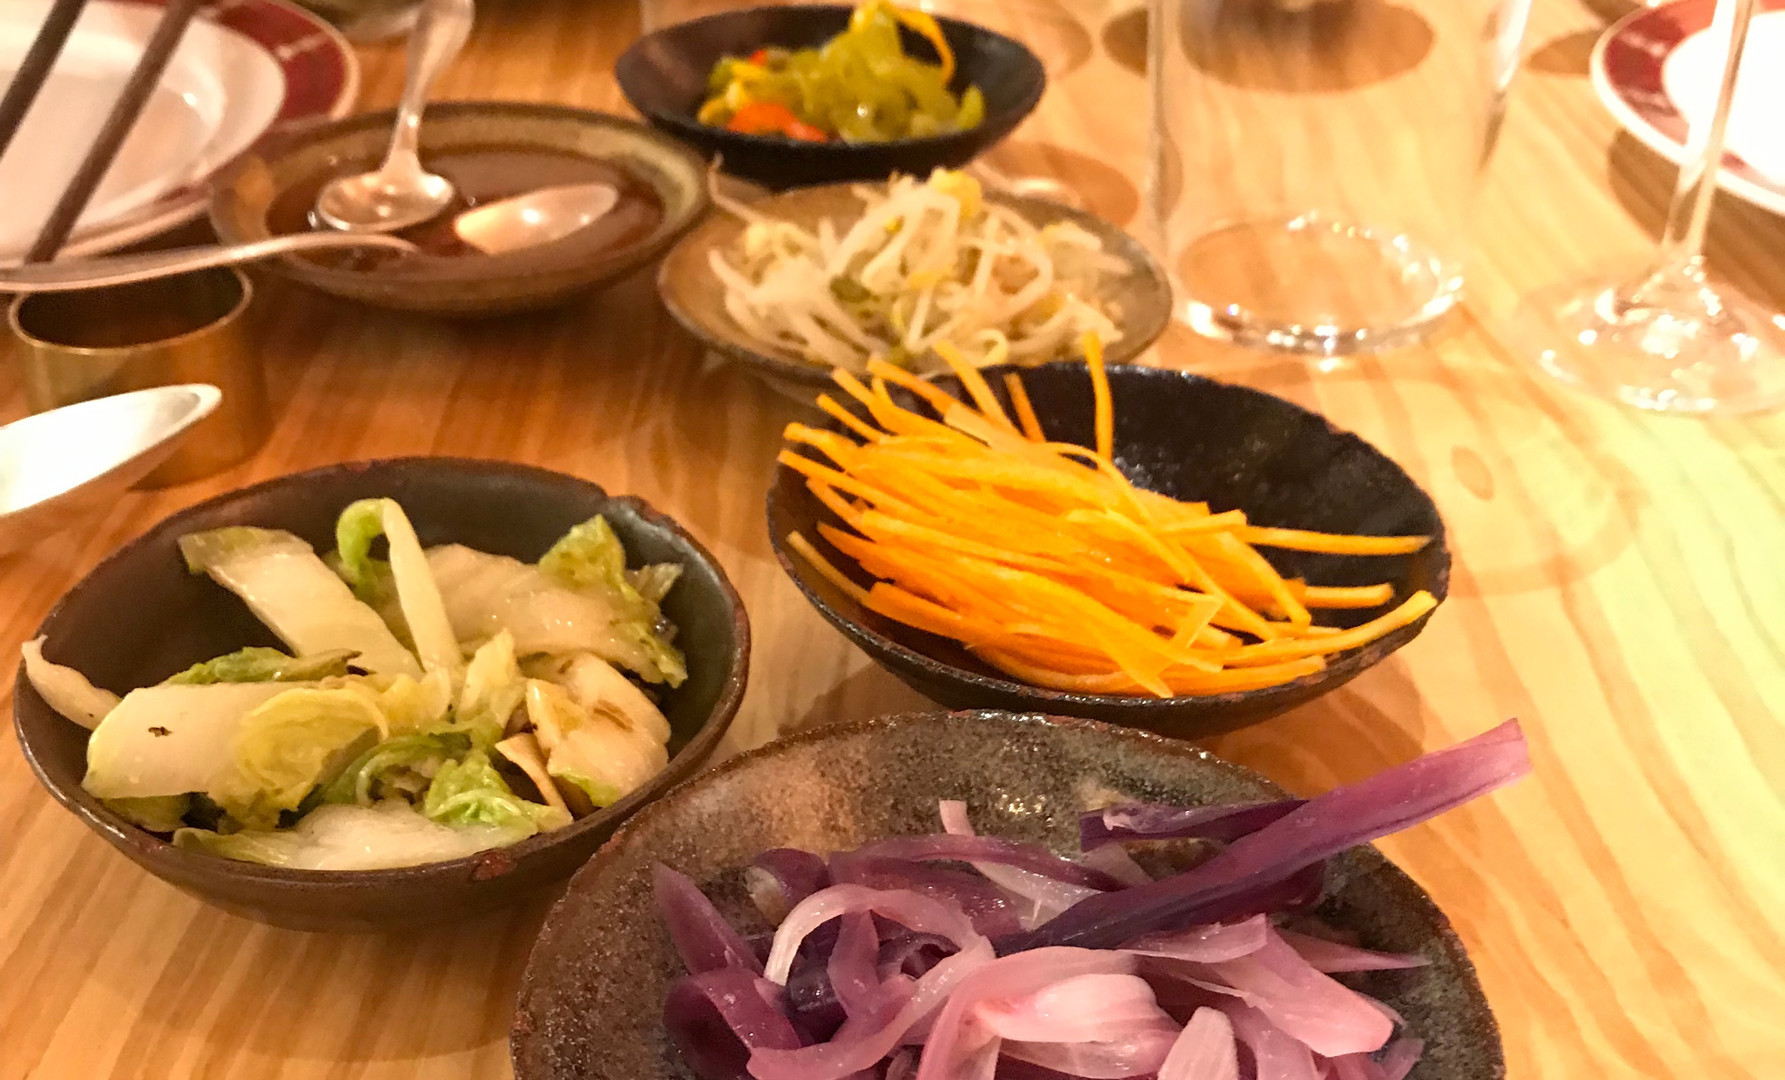 Involtino di pimavera tradizionale (crespelle di farina di grano tenero biologico, selezione di verdure e salsa artigianale ai fagioli rossi fermentati)